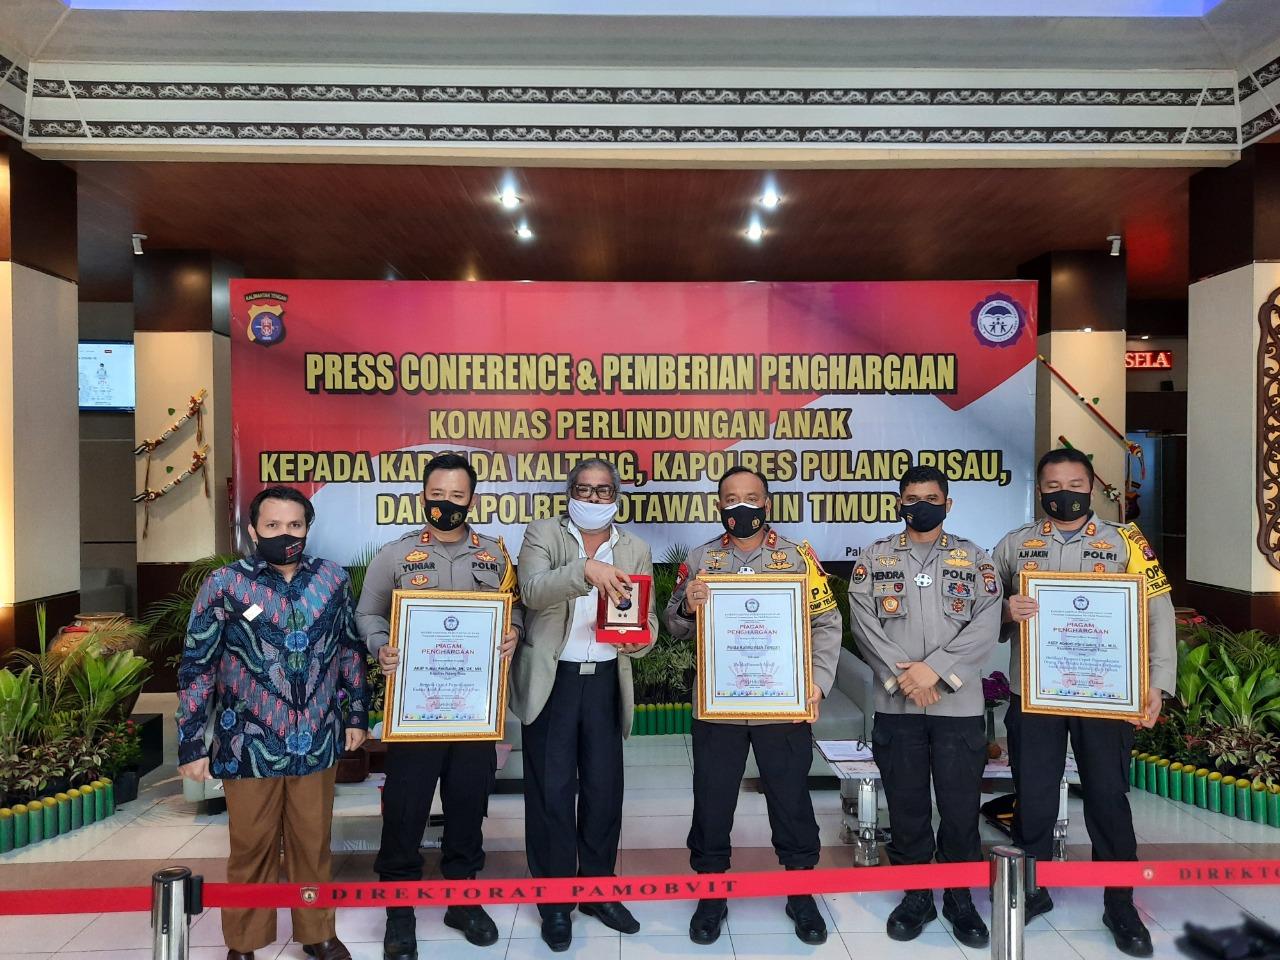 Kapolres Kotawaringin Timur menerima penghargaan dari Komnas Perlindungan Anak